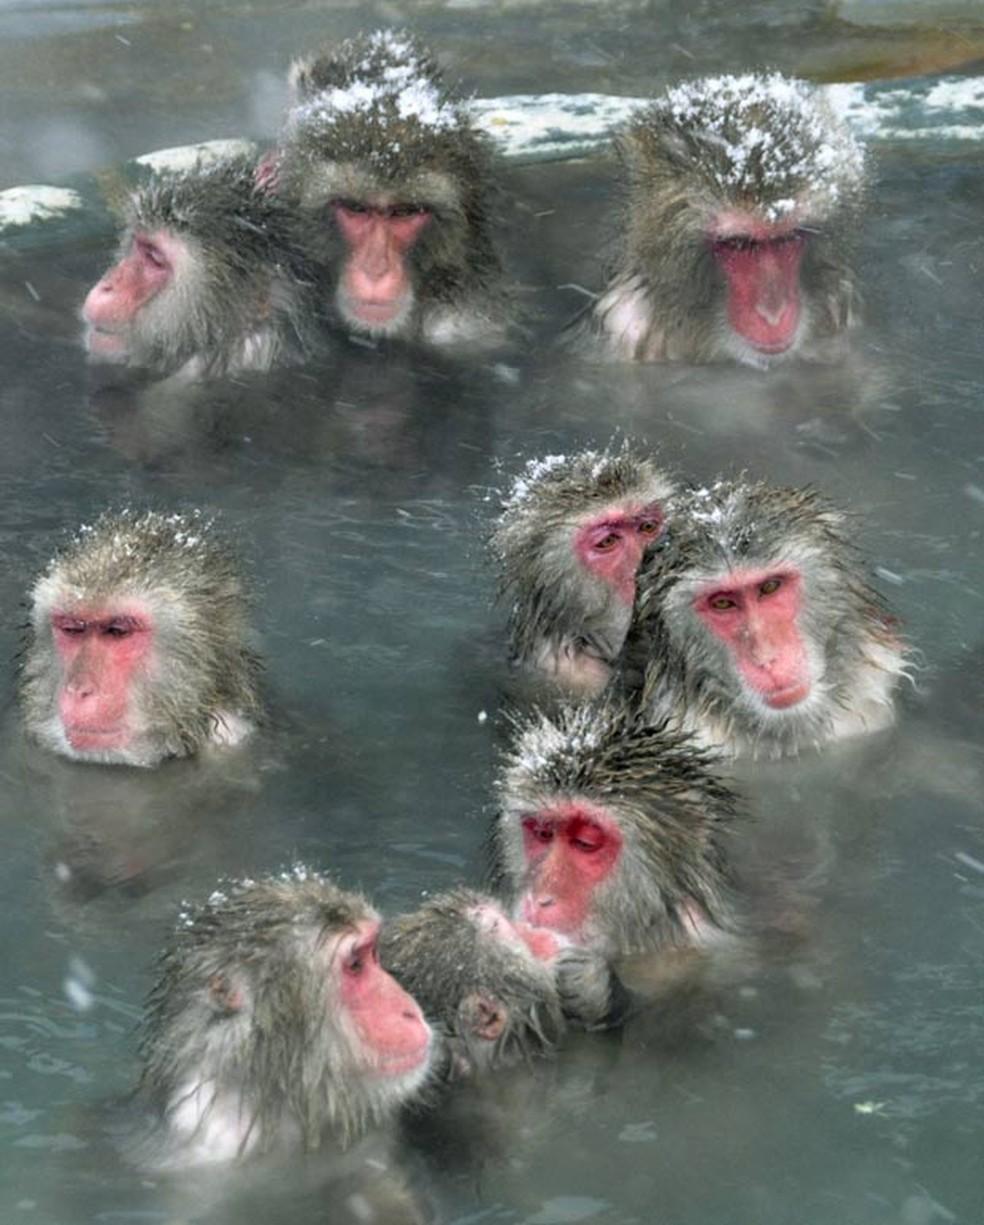 Para escapar do frio, macacos tomam banho em fonte de água quente em Hakodate, na ilha de Hokkaido, no norte do Japão. (Foto: Reuters)